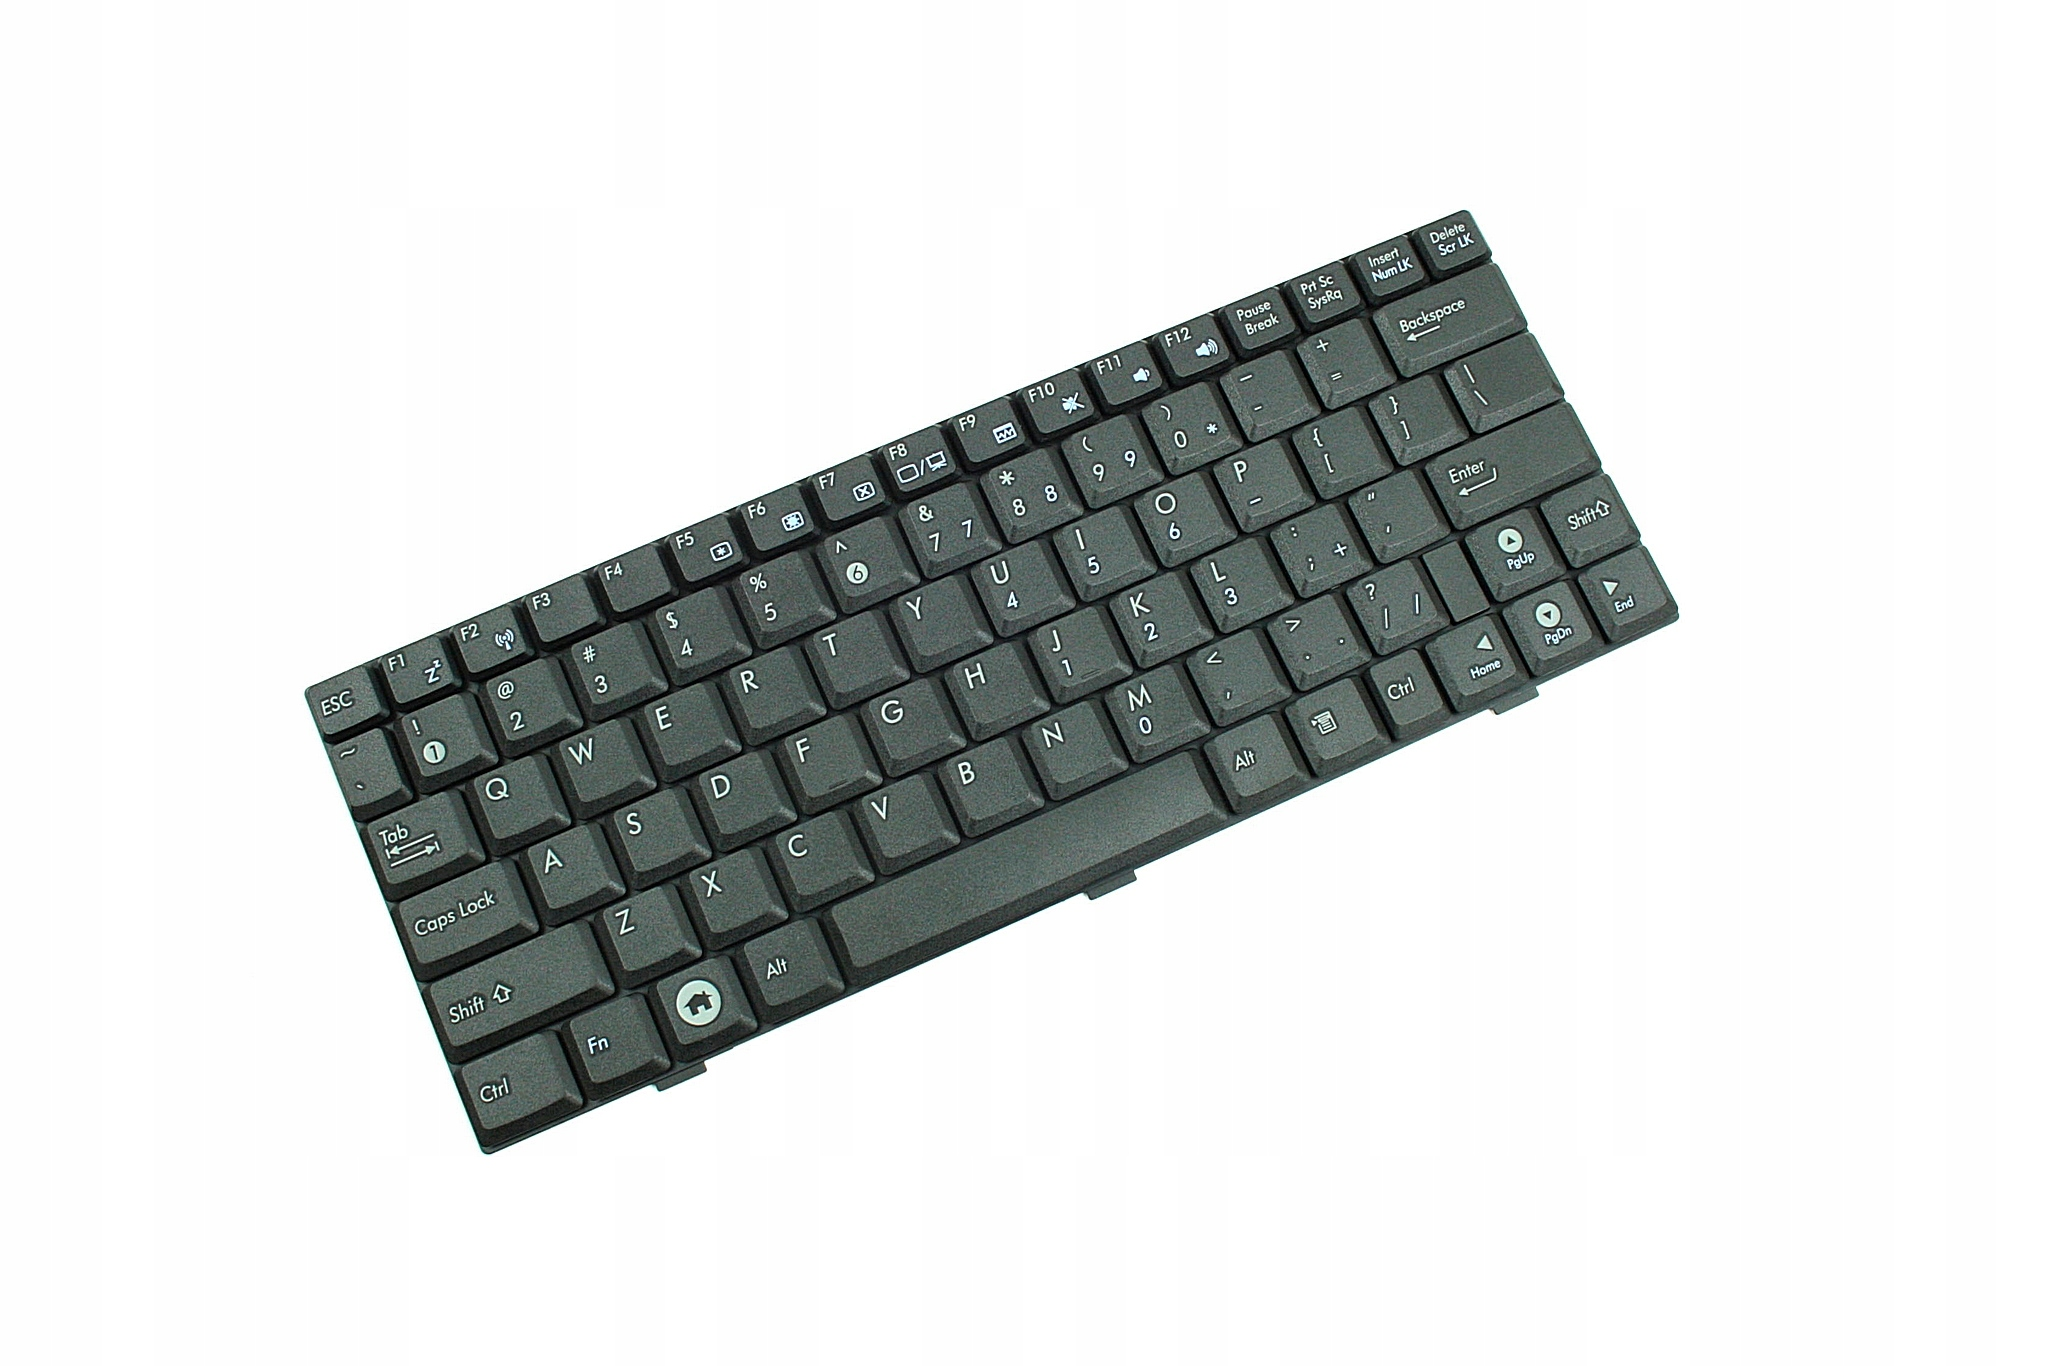 KLAWIATURA ASUS EEE PC 1000HA 1000H 1000HAB 1000HE - Klawiatury do laptopów